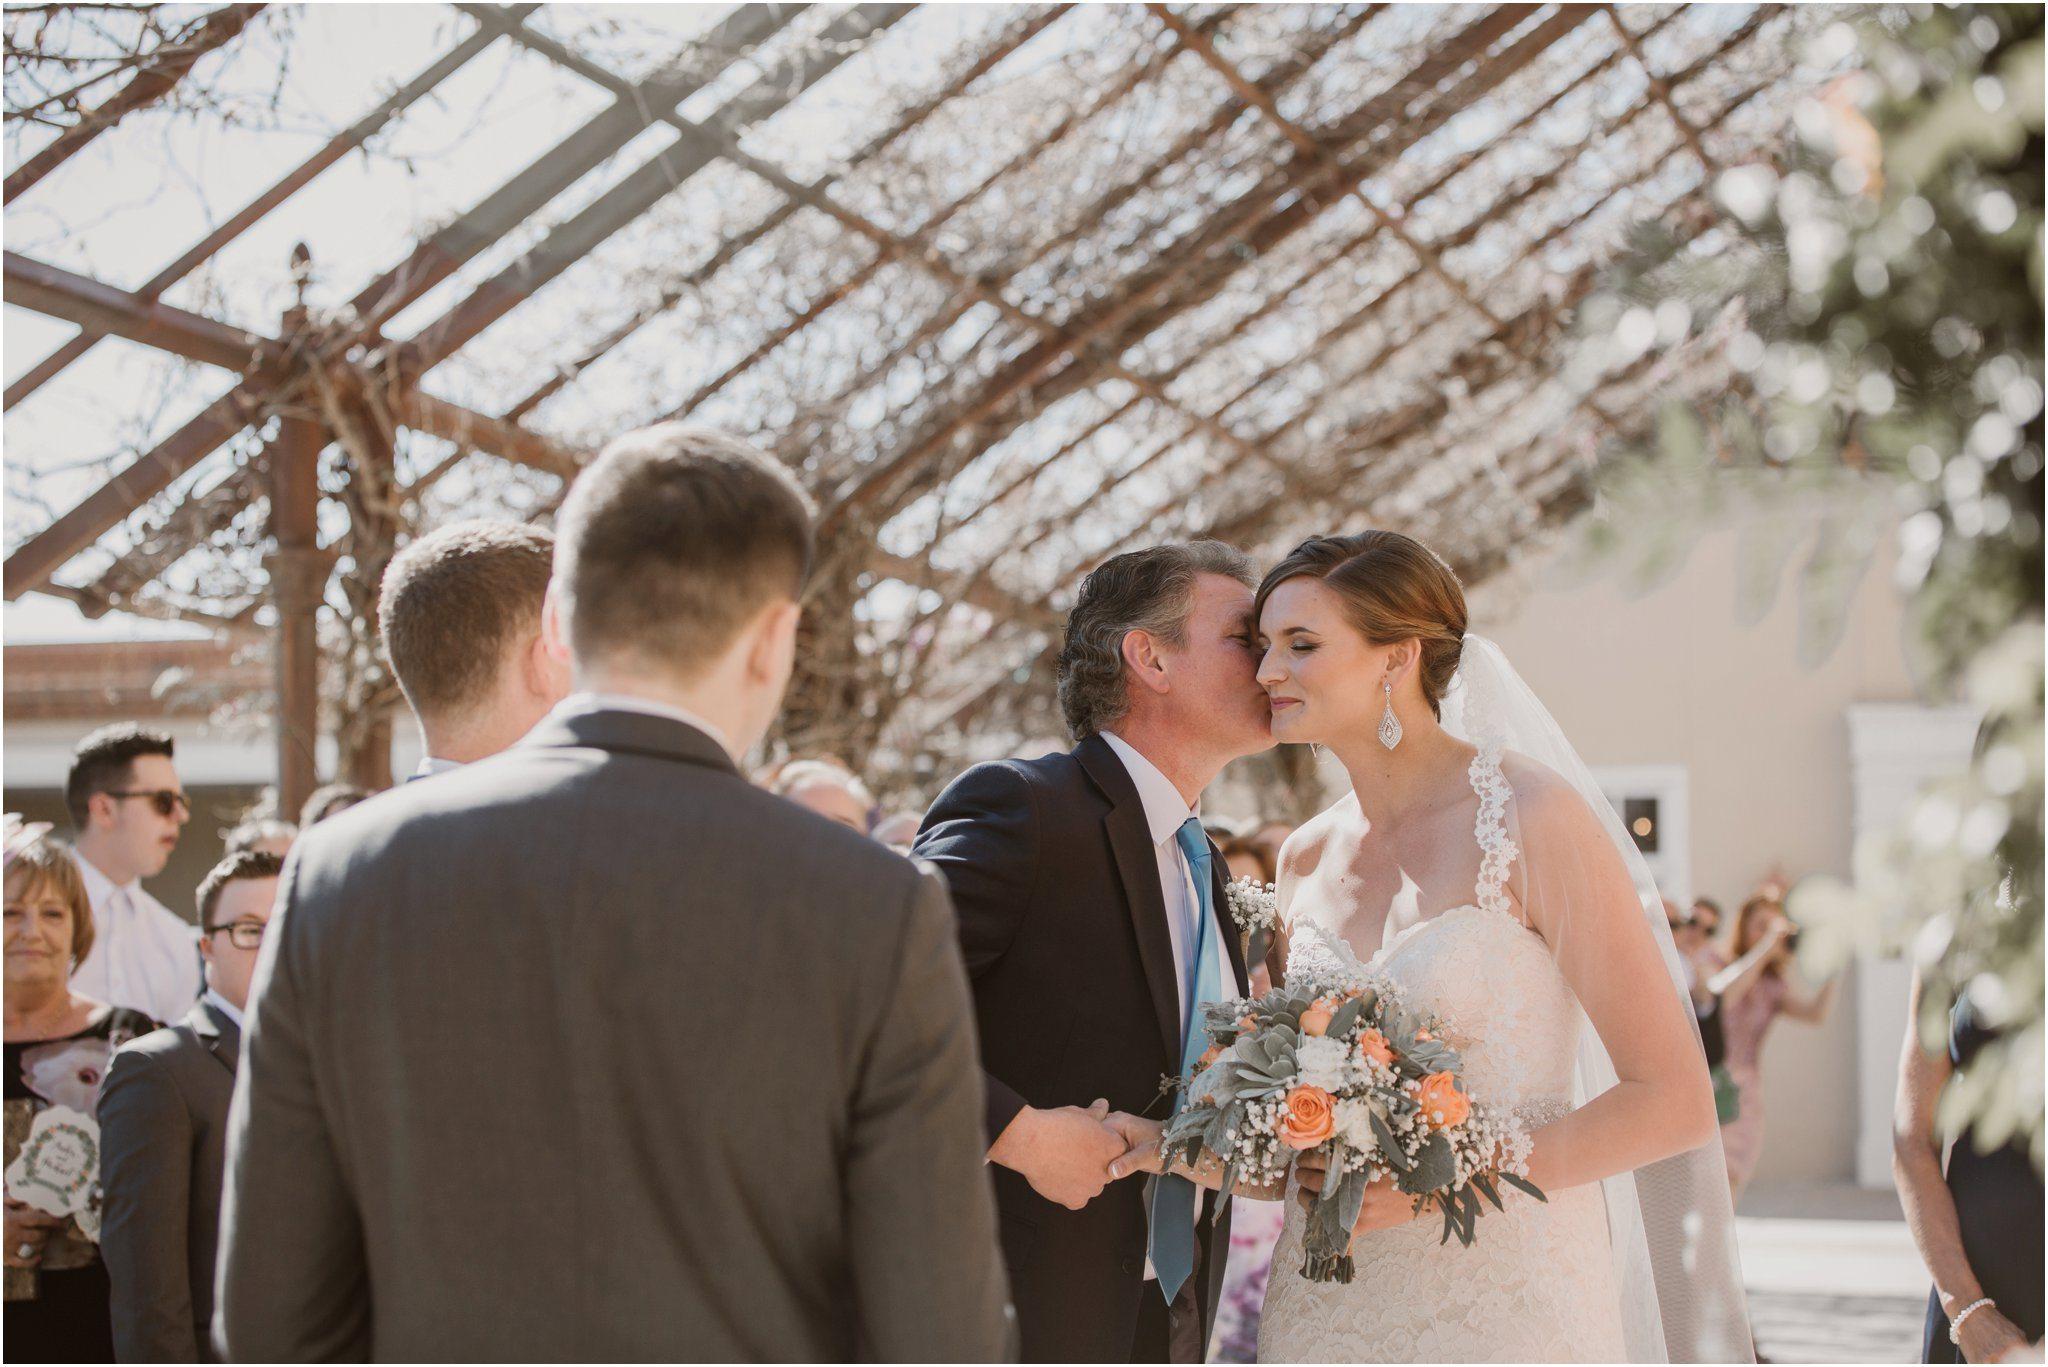 19Blue Rose Photography_ Albuquerque Wedding Photographer_ Santa Fe Wedding Photographers